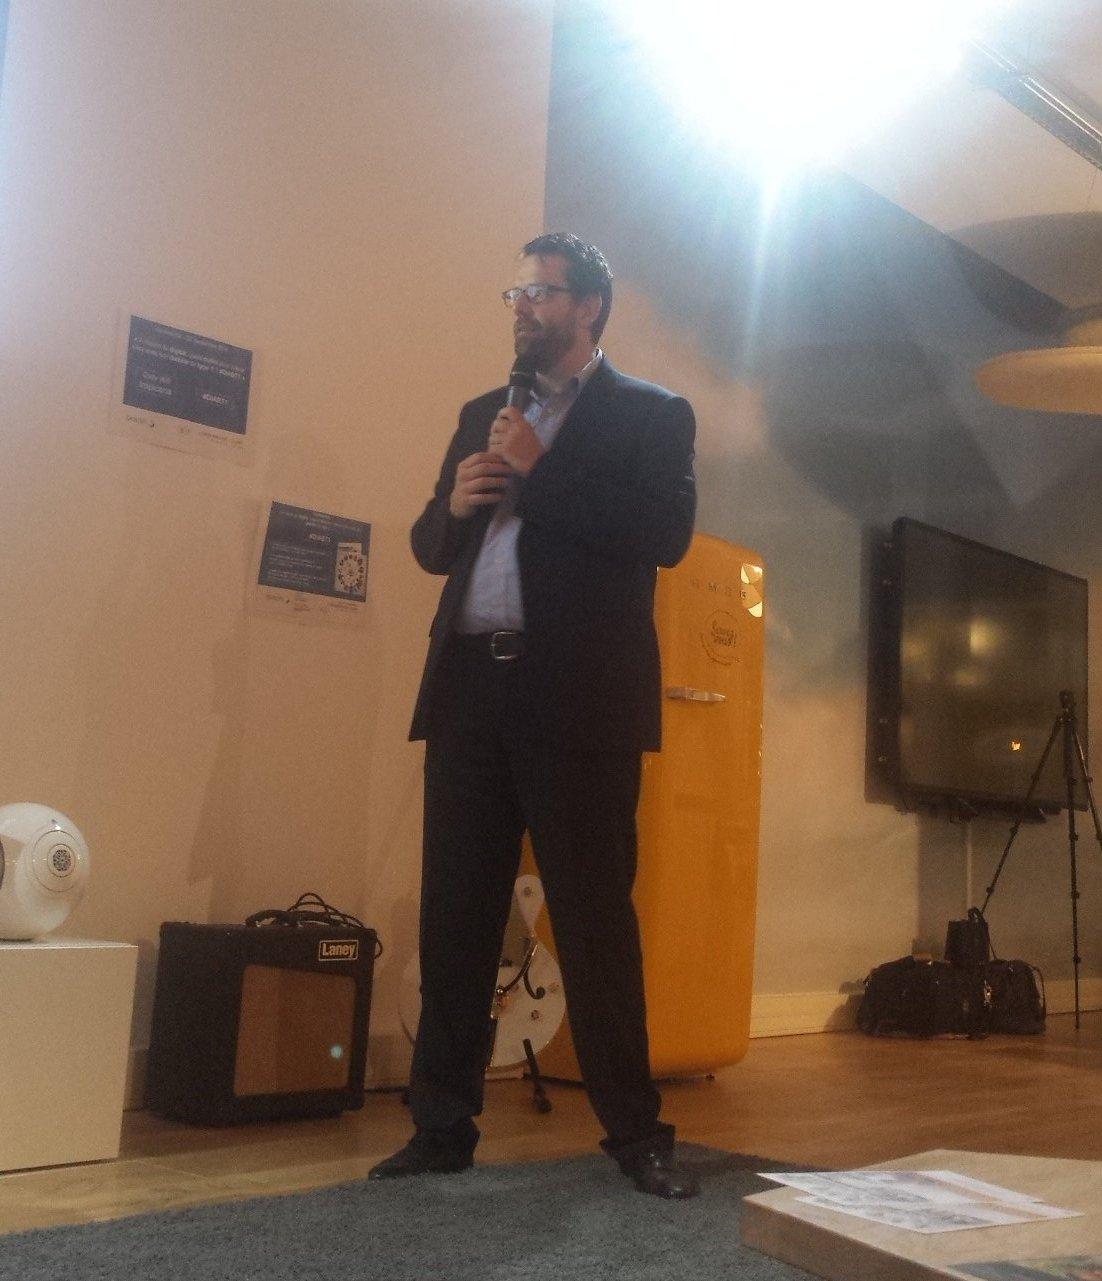 @LionelREICHARDT en scène pour l'animation de la conf  #diabt1 https://t.co/uzfDHLkTjp